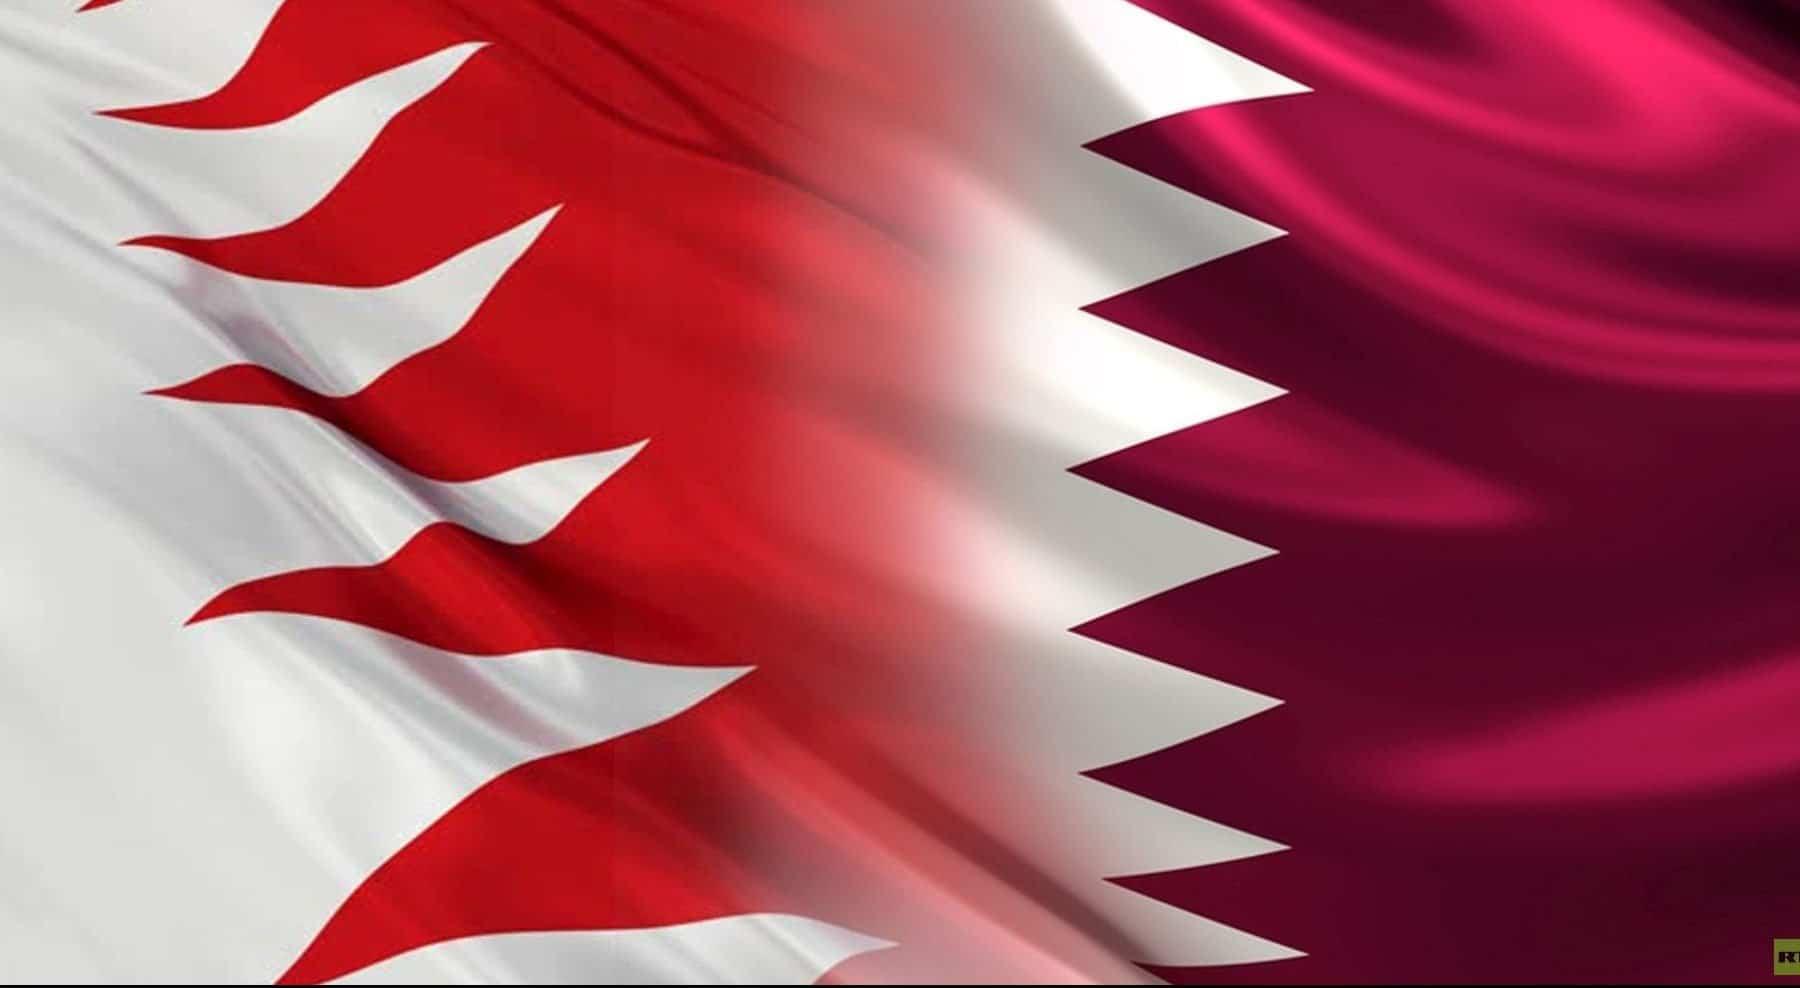 لماذا فشلت جهود الوساطة الكويتية بين قطر والبحرين؟